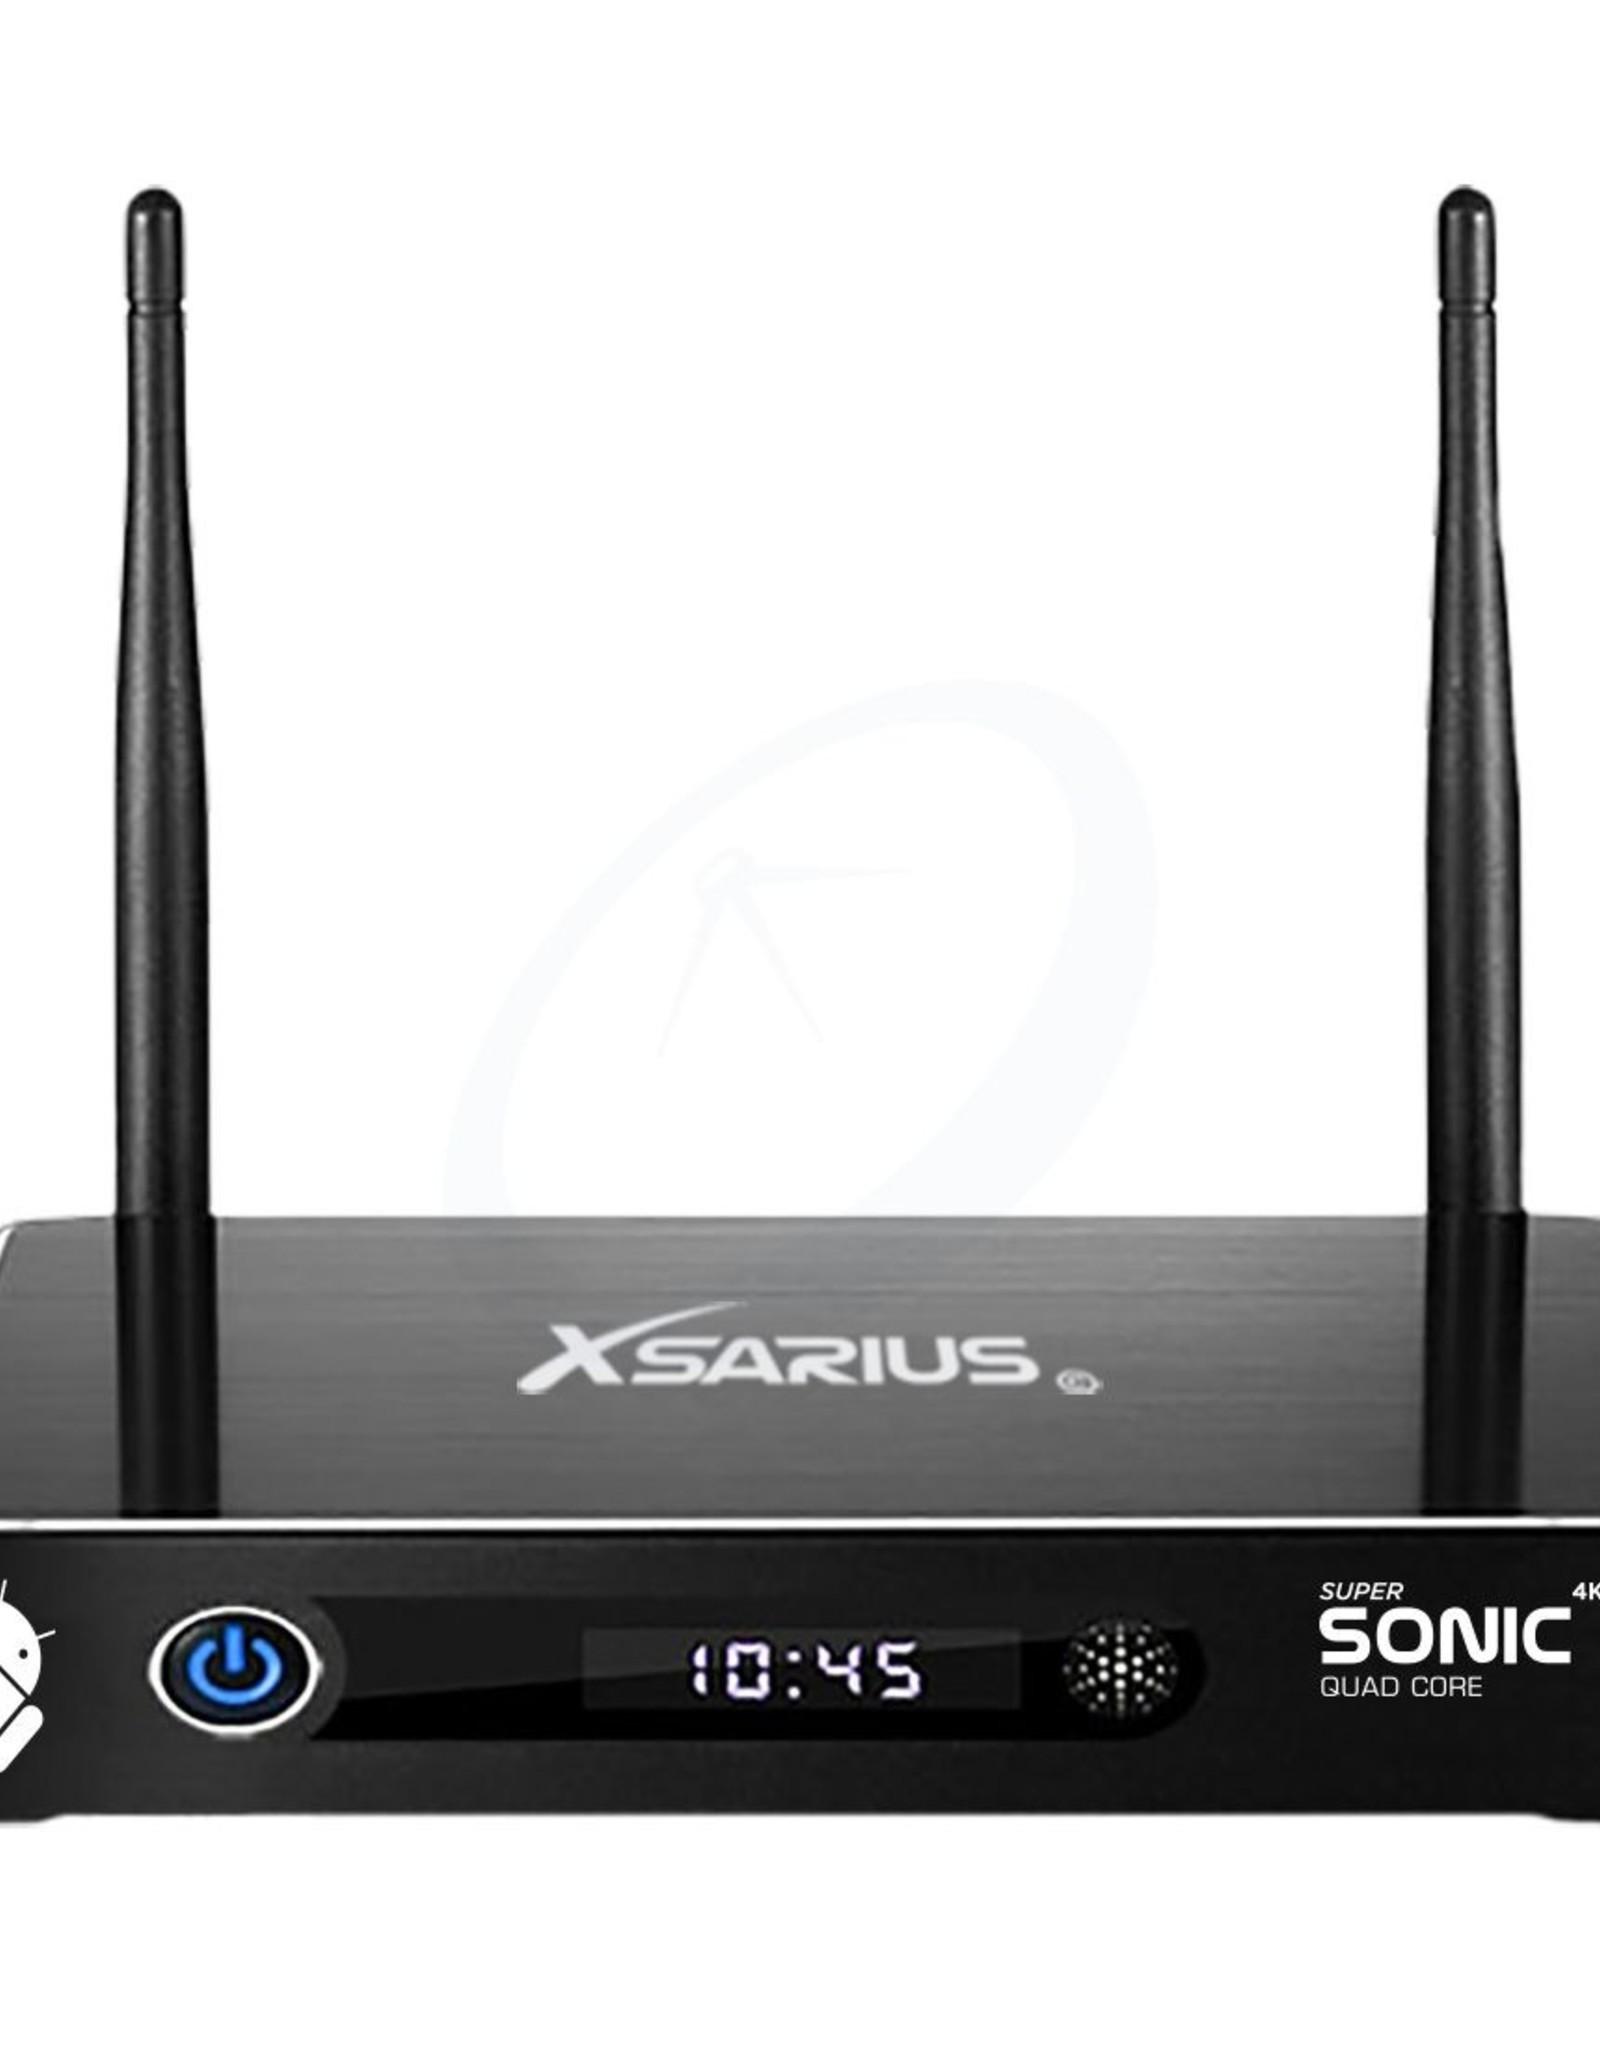 Xsarius Xsarius Sonic 4K - IPTV box